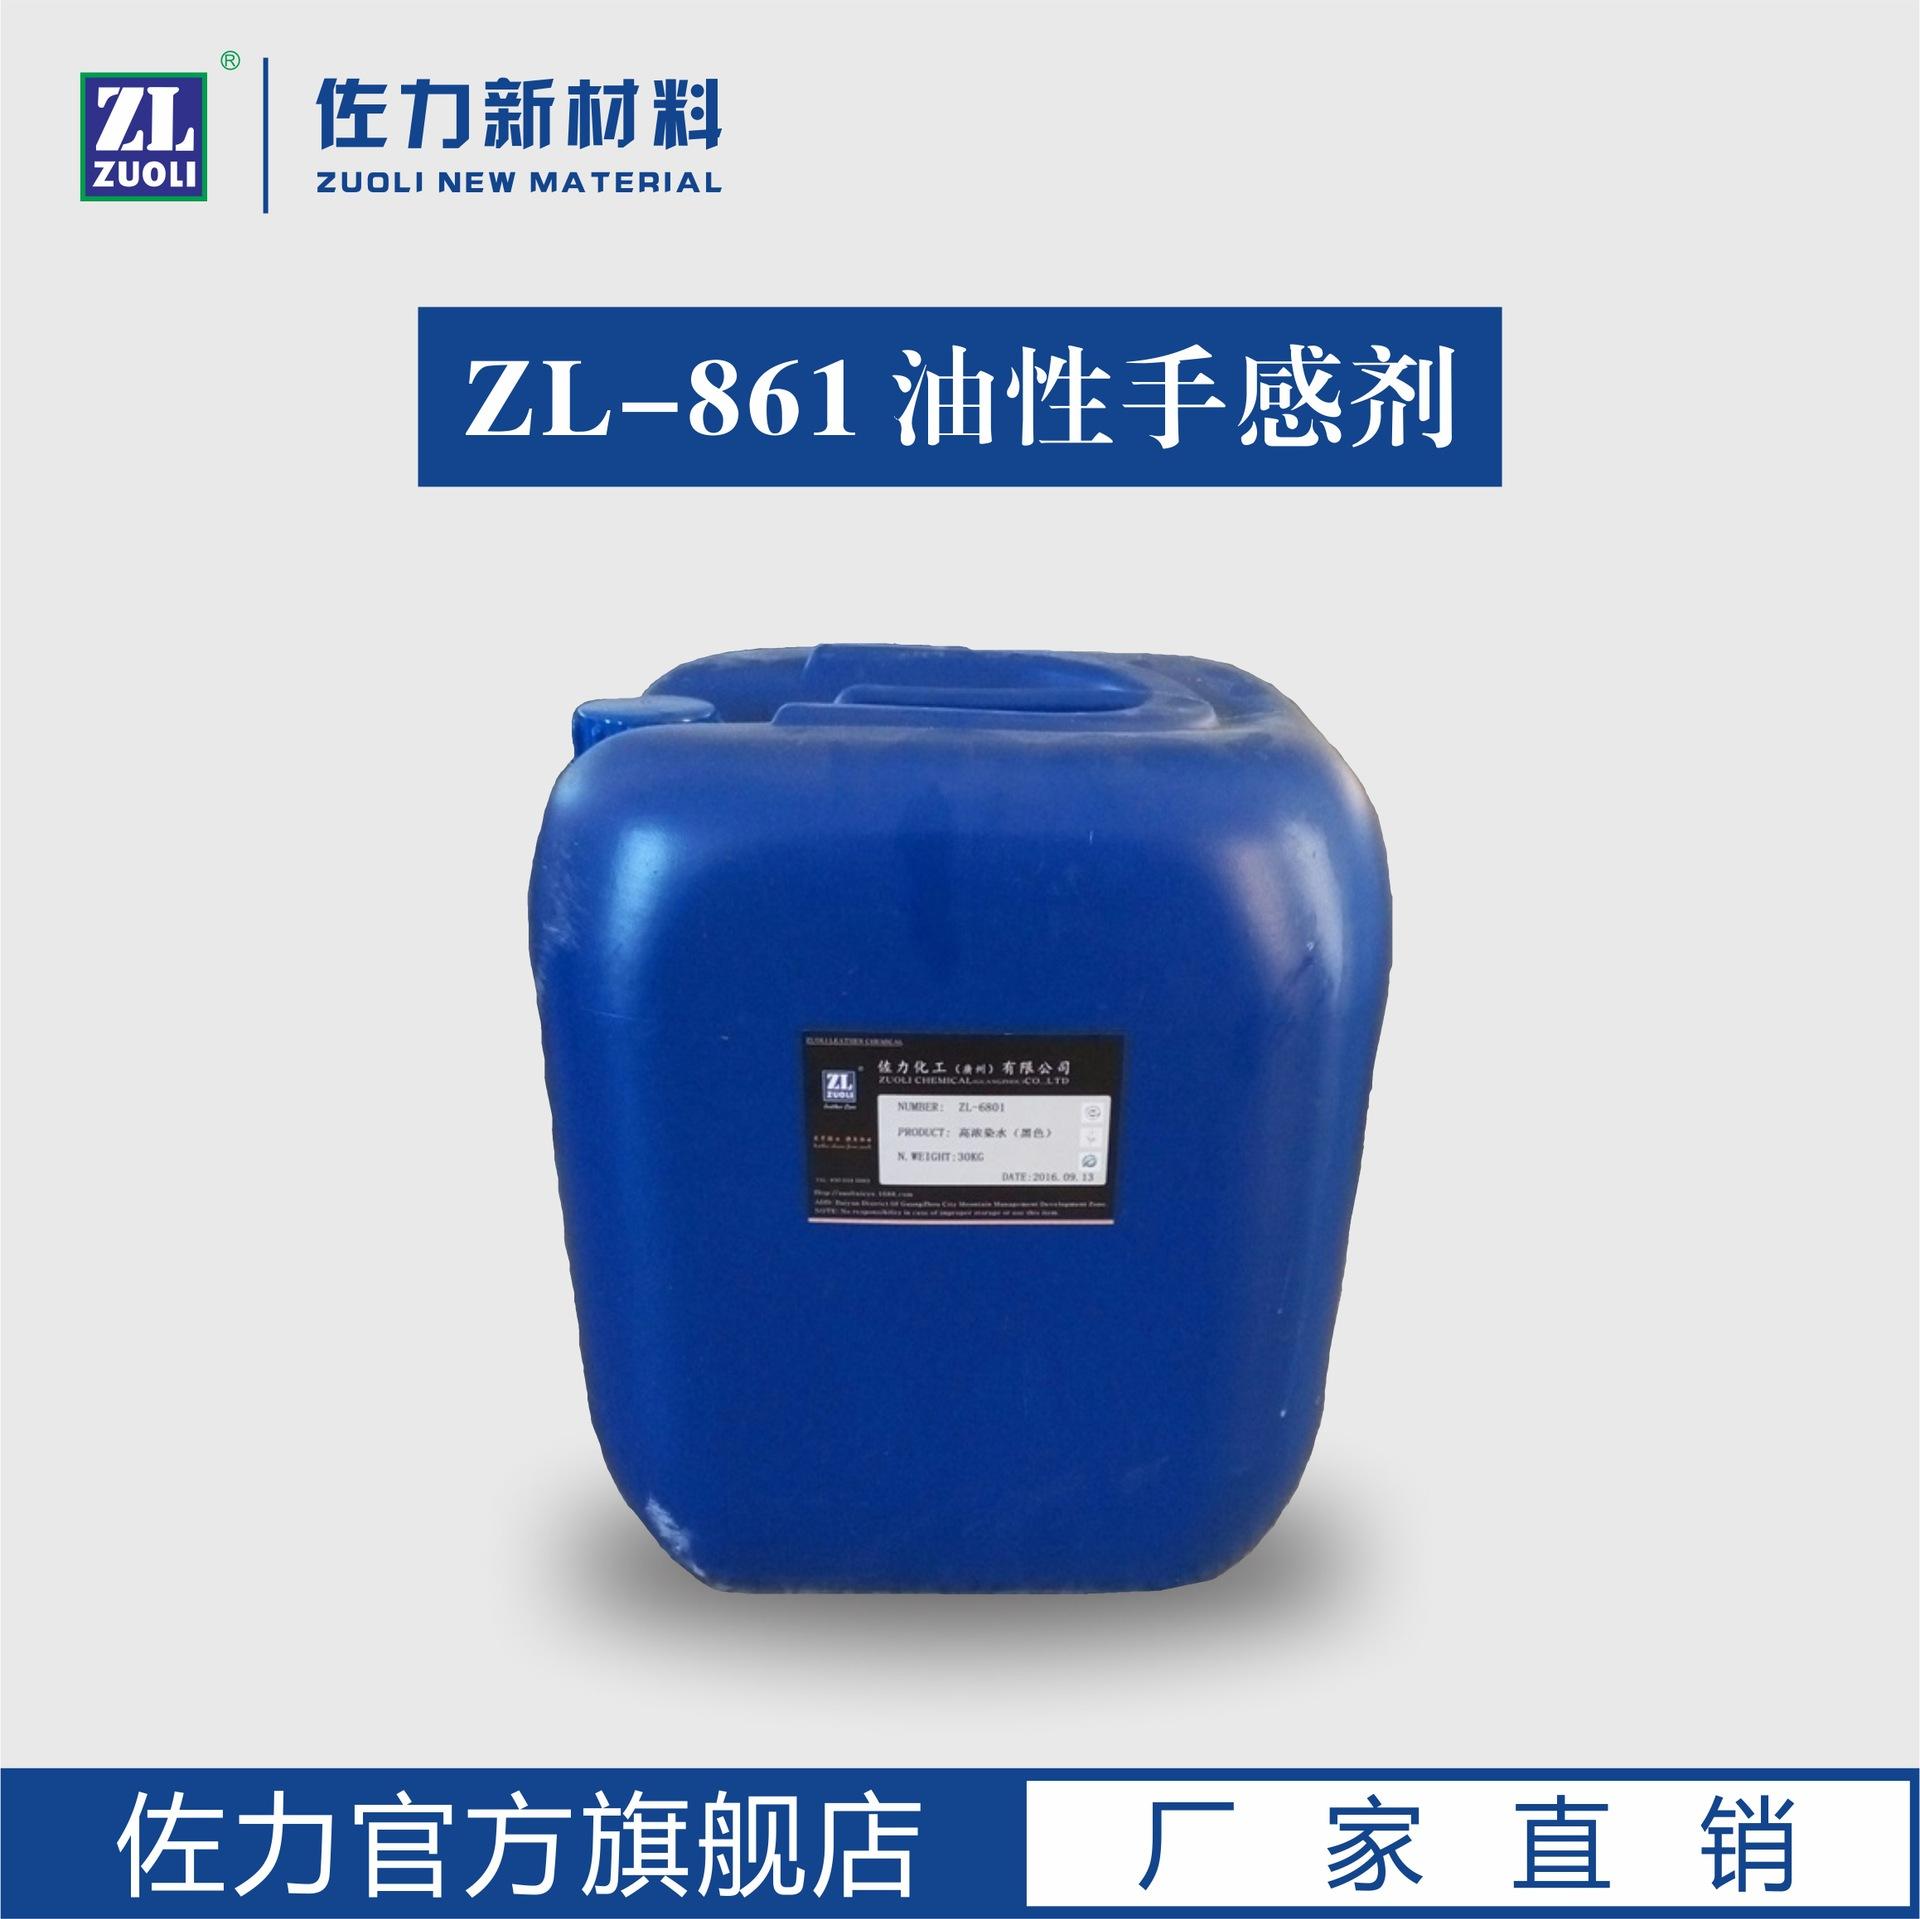 厂家直供皮具护理 丝滑手感剂 绵滑手感剂 皮革手感剂 亮光手感剂